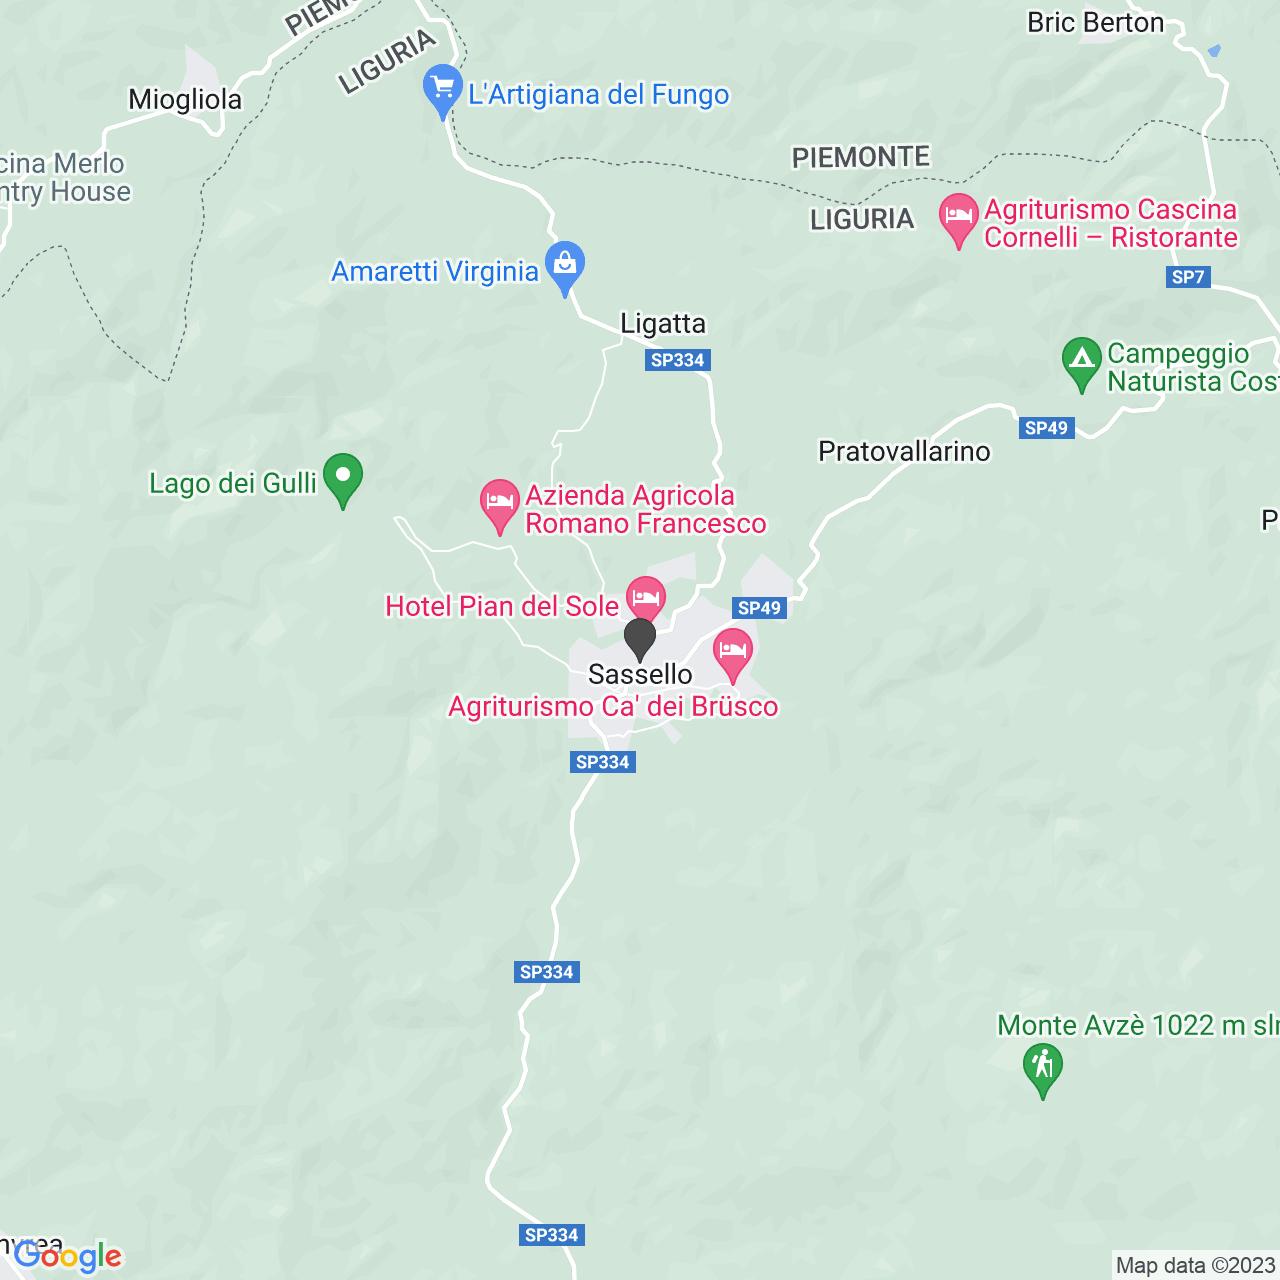 CROCE ROSSA ITALIANA - COMITATO DI SASSELLO-ORGANIZZAZIONE DI VOLONTARIATO